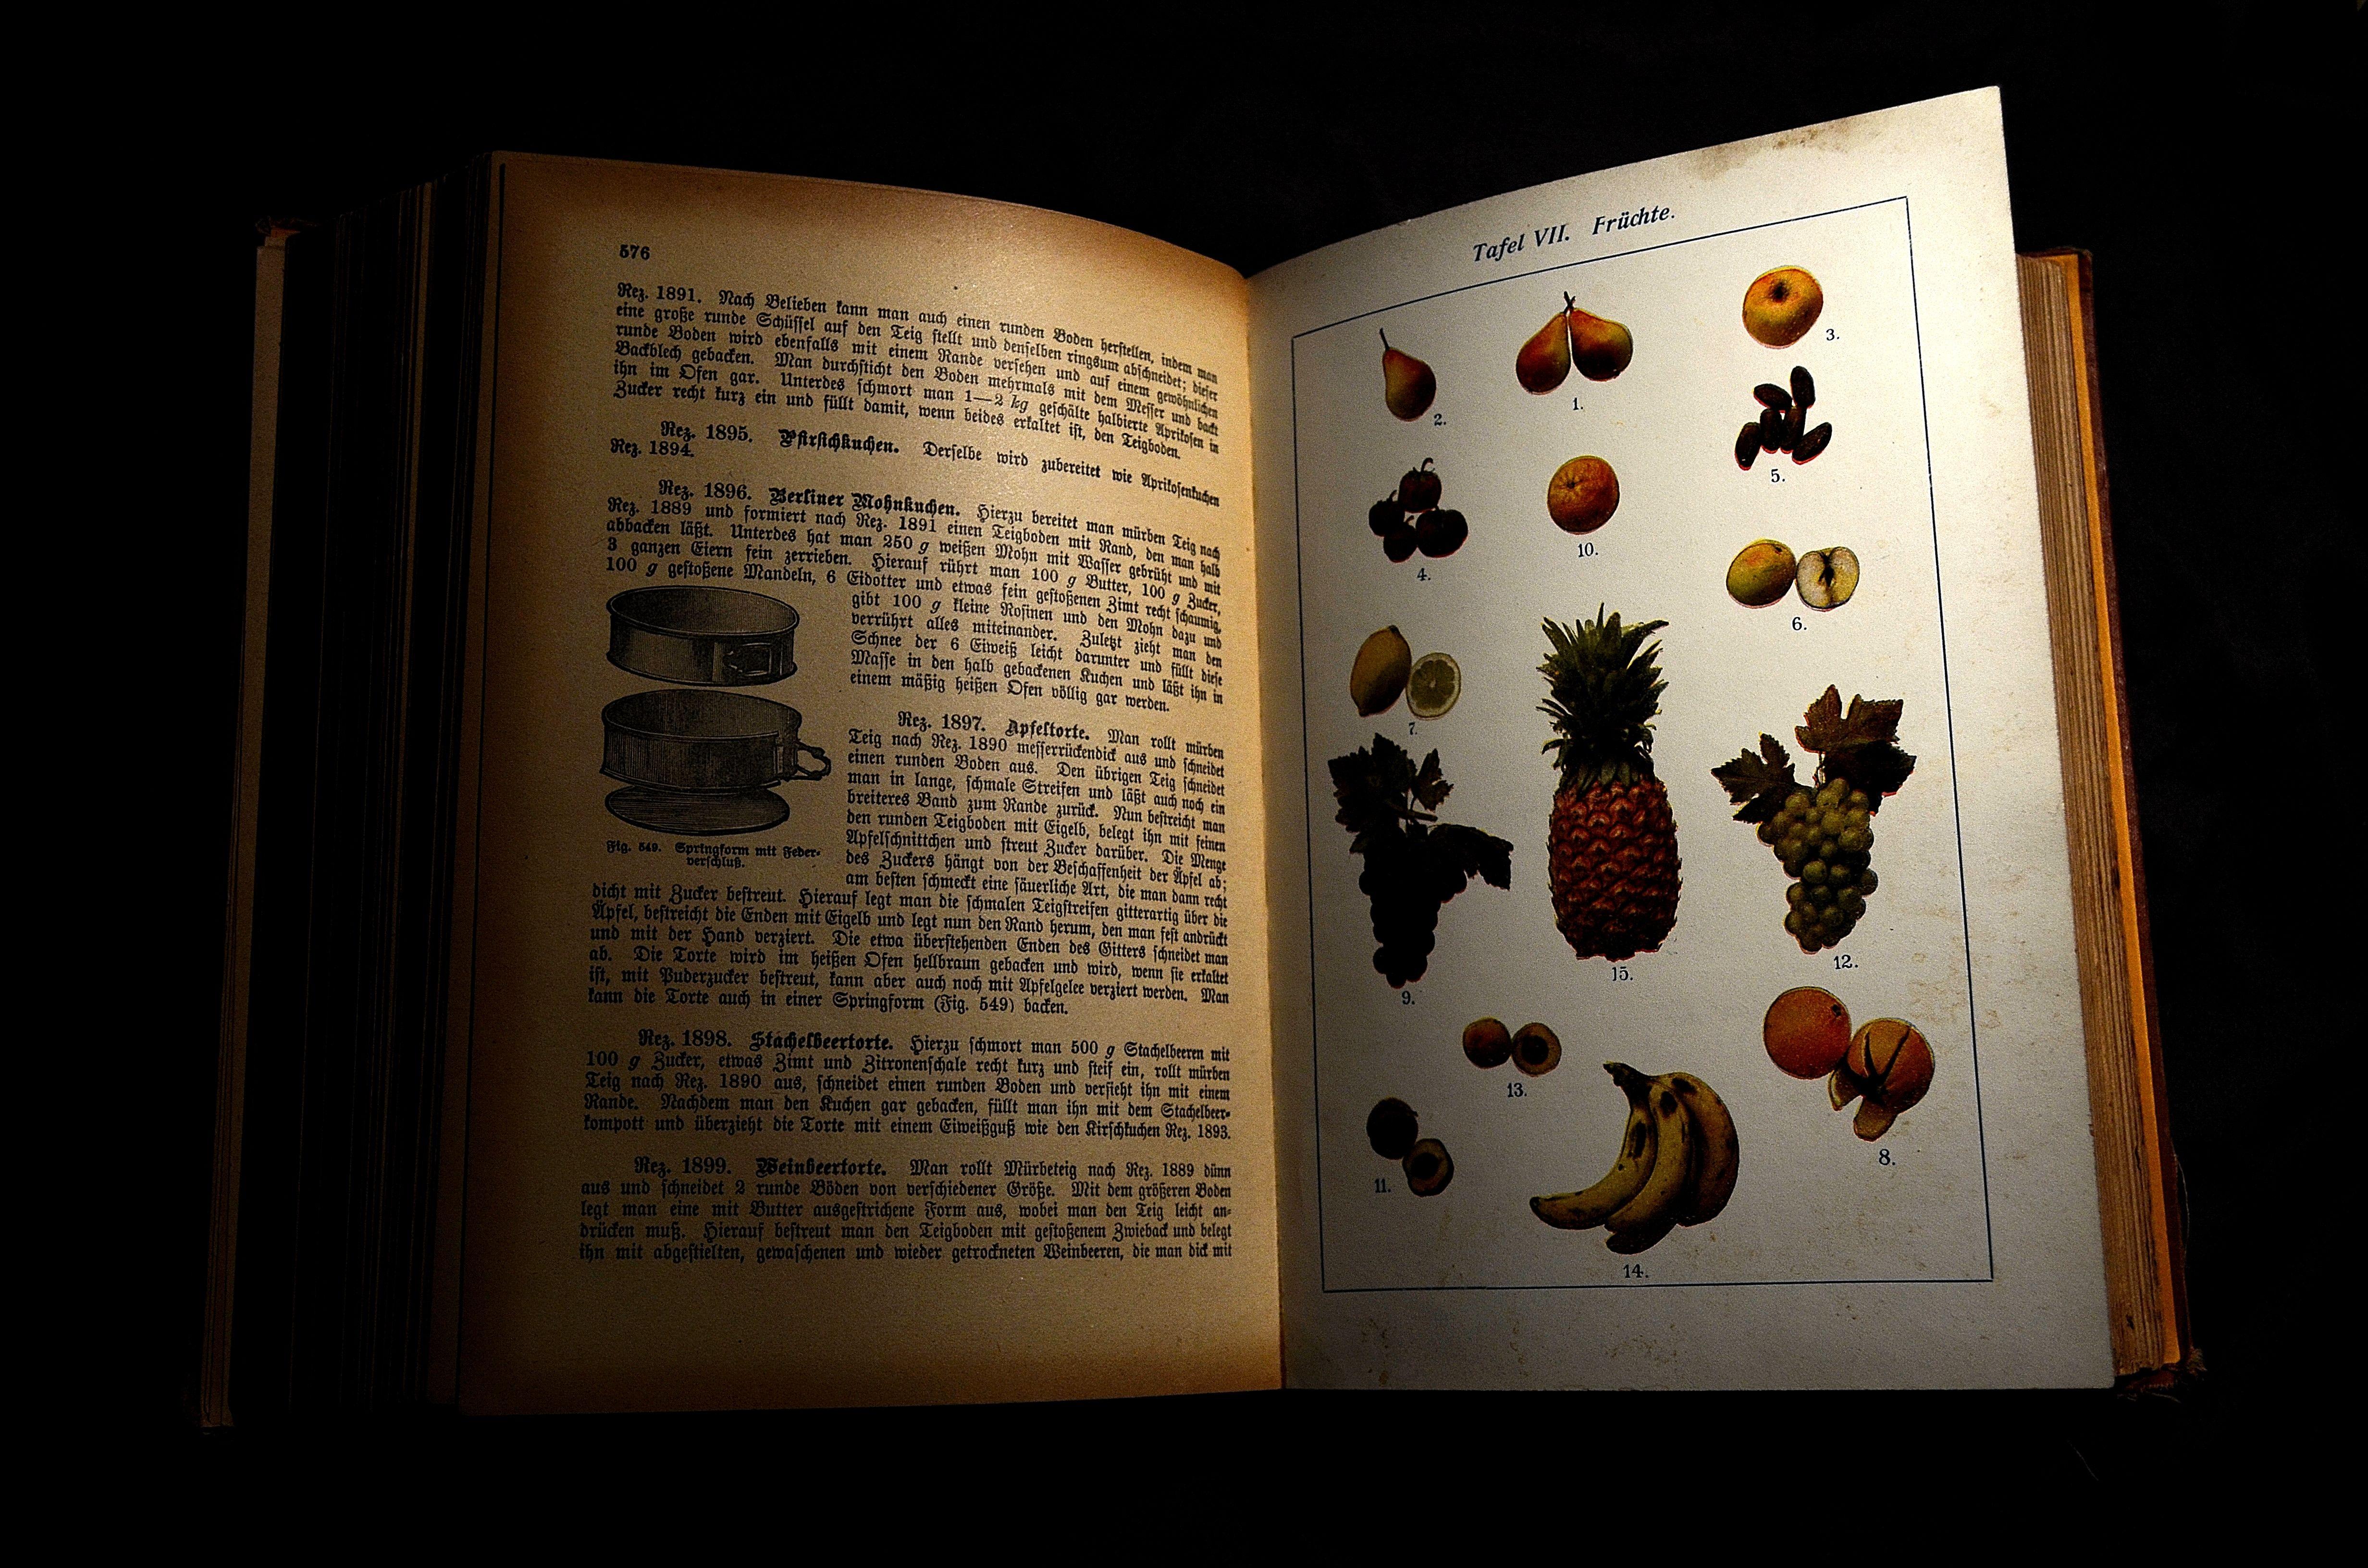 Libro art dise o texto p ster imagen caligraf a libro de cocina anticuario viejo libro de cocina libro